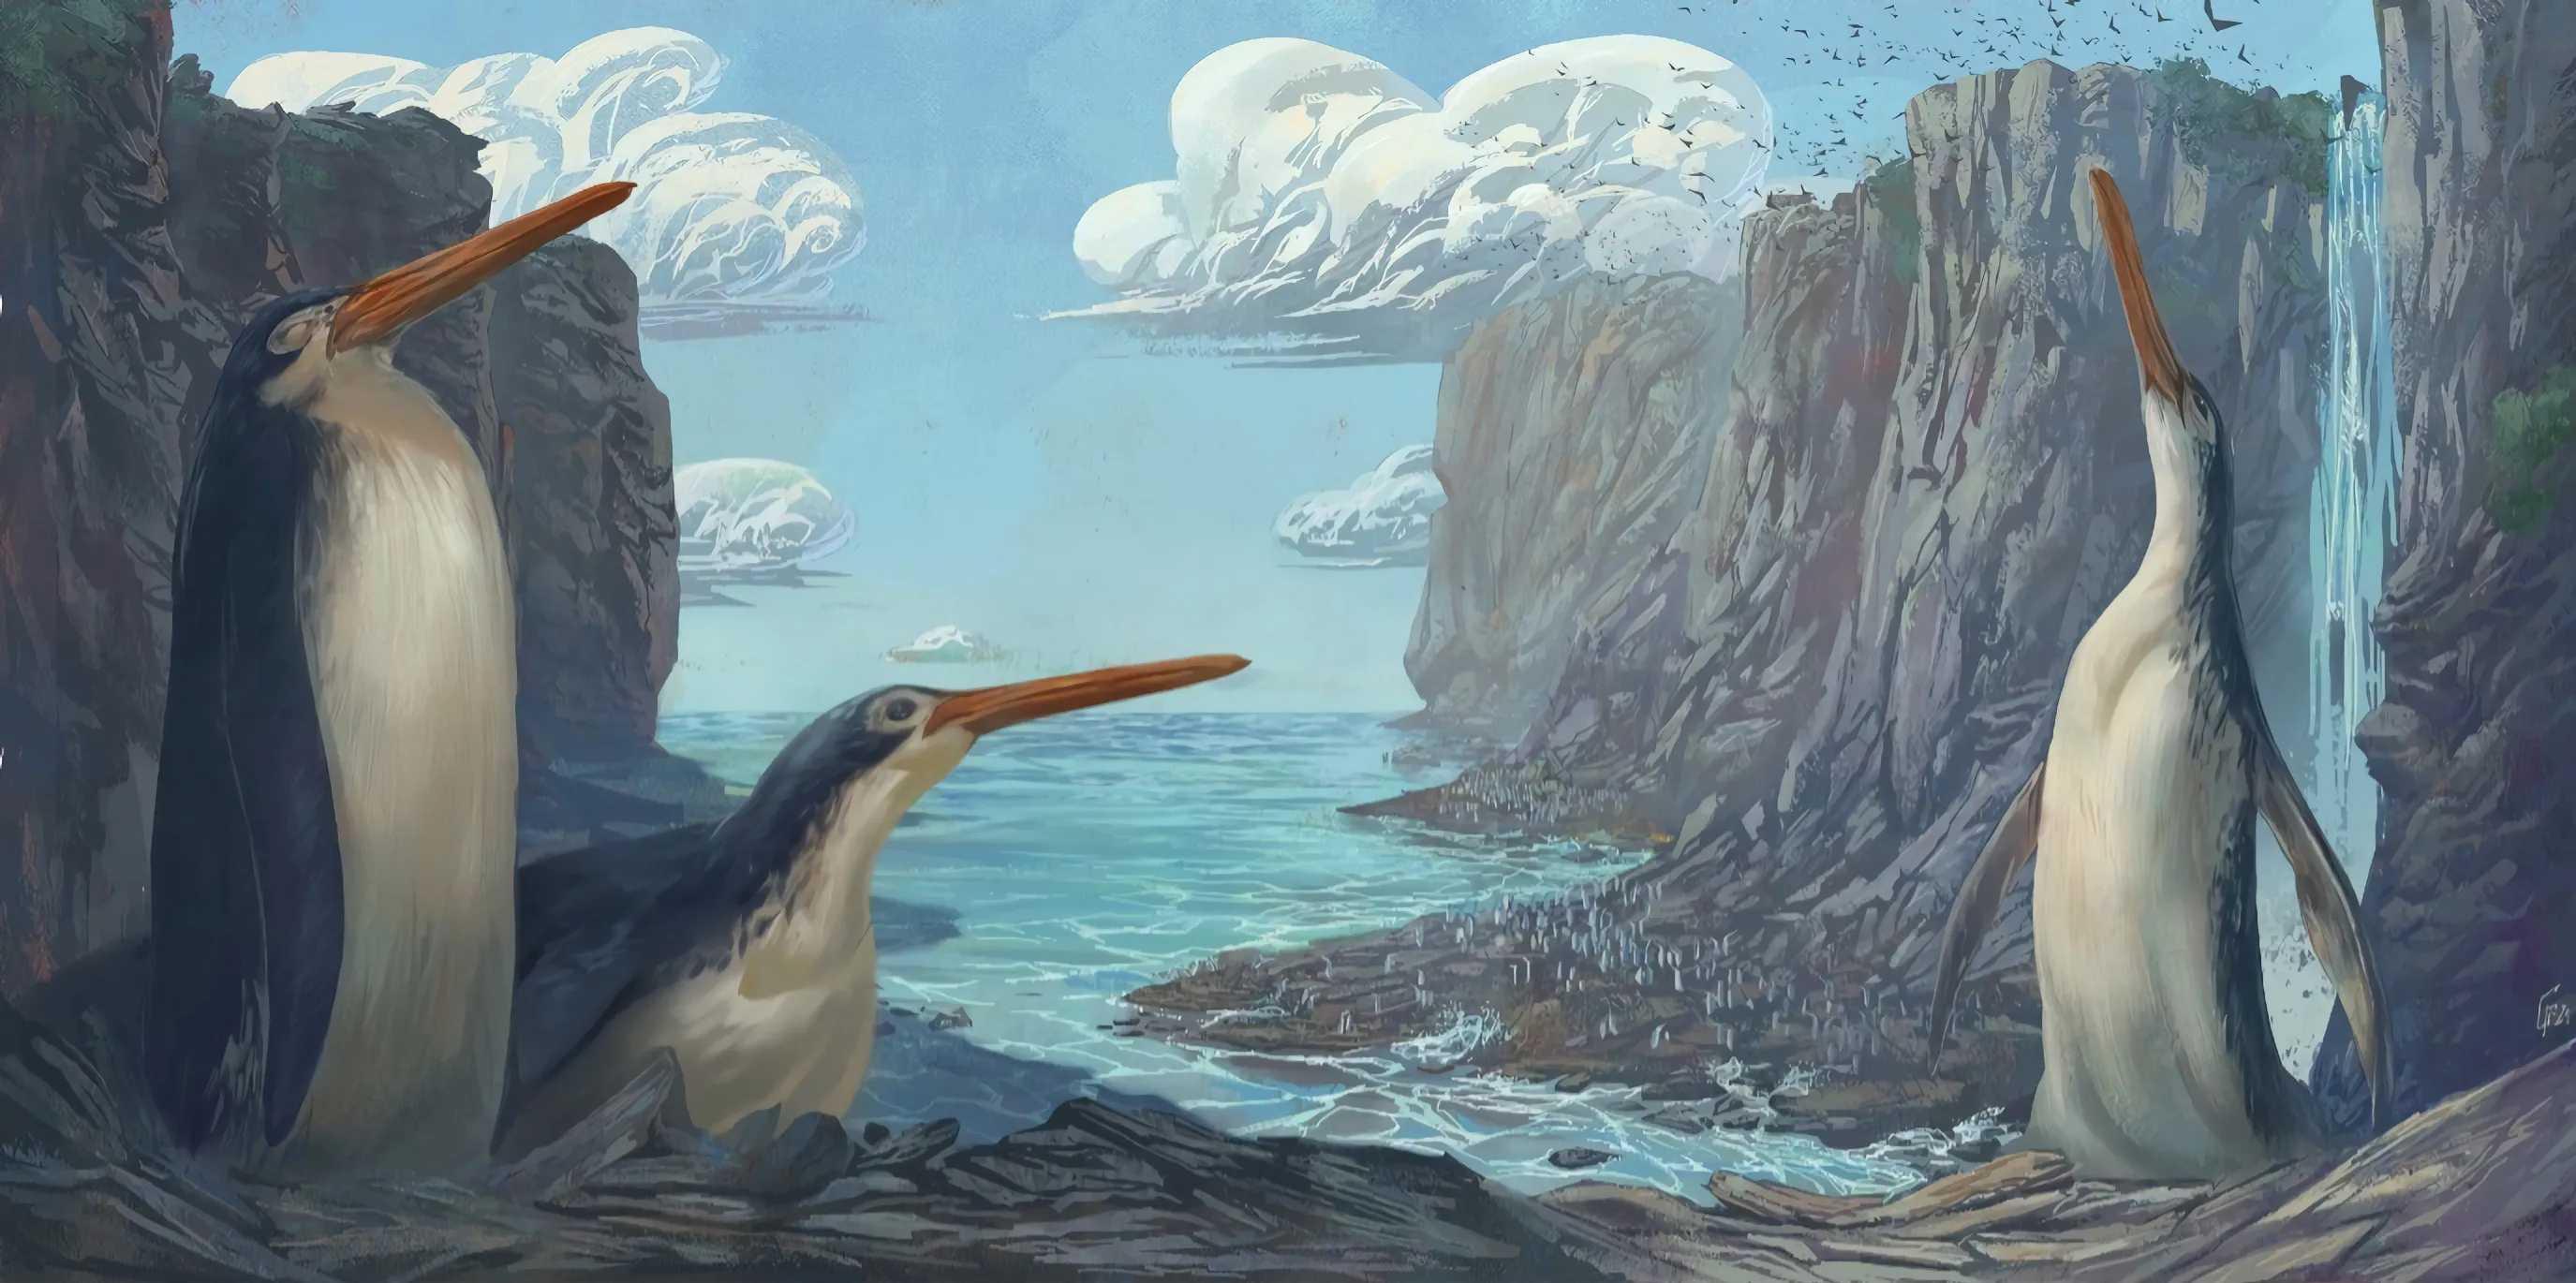 Найденный школьниками ископаемый гигантский пингвин получил научное описание 15 лет спустя